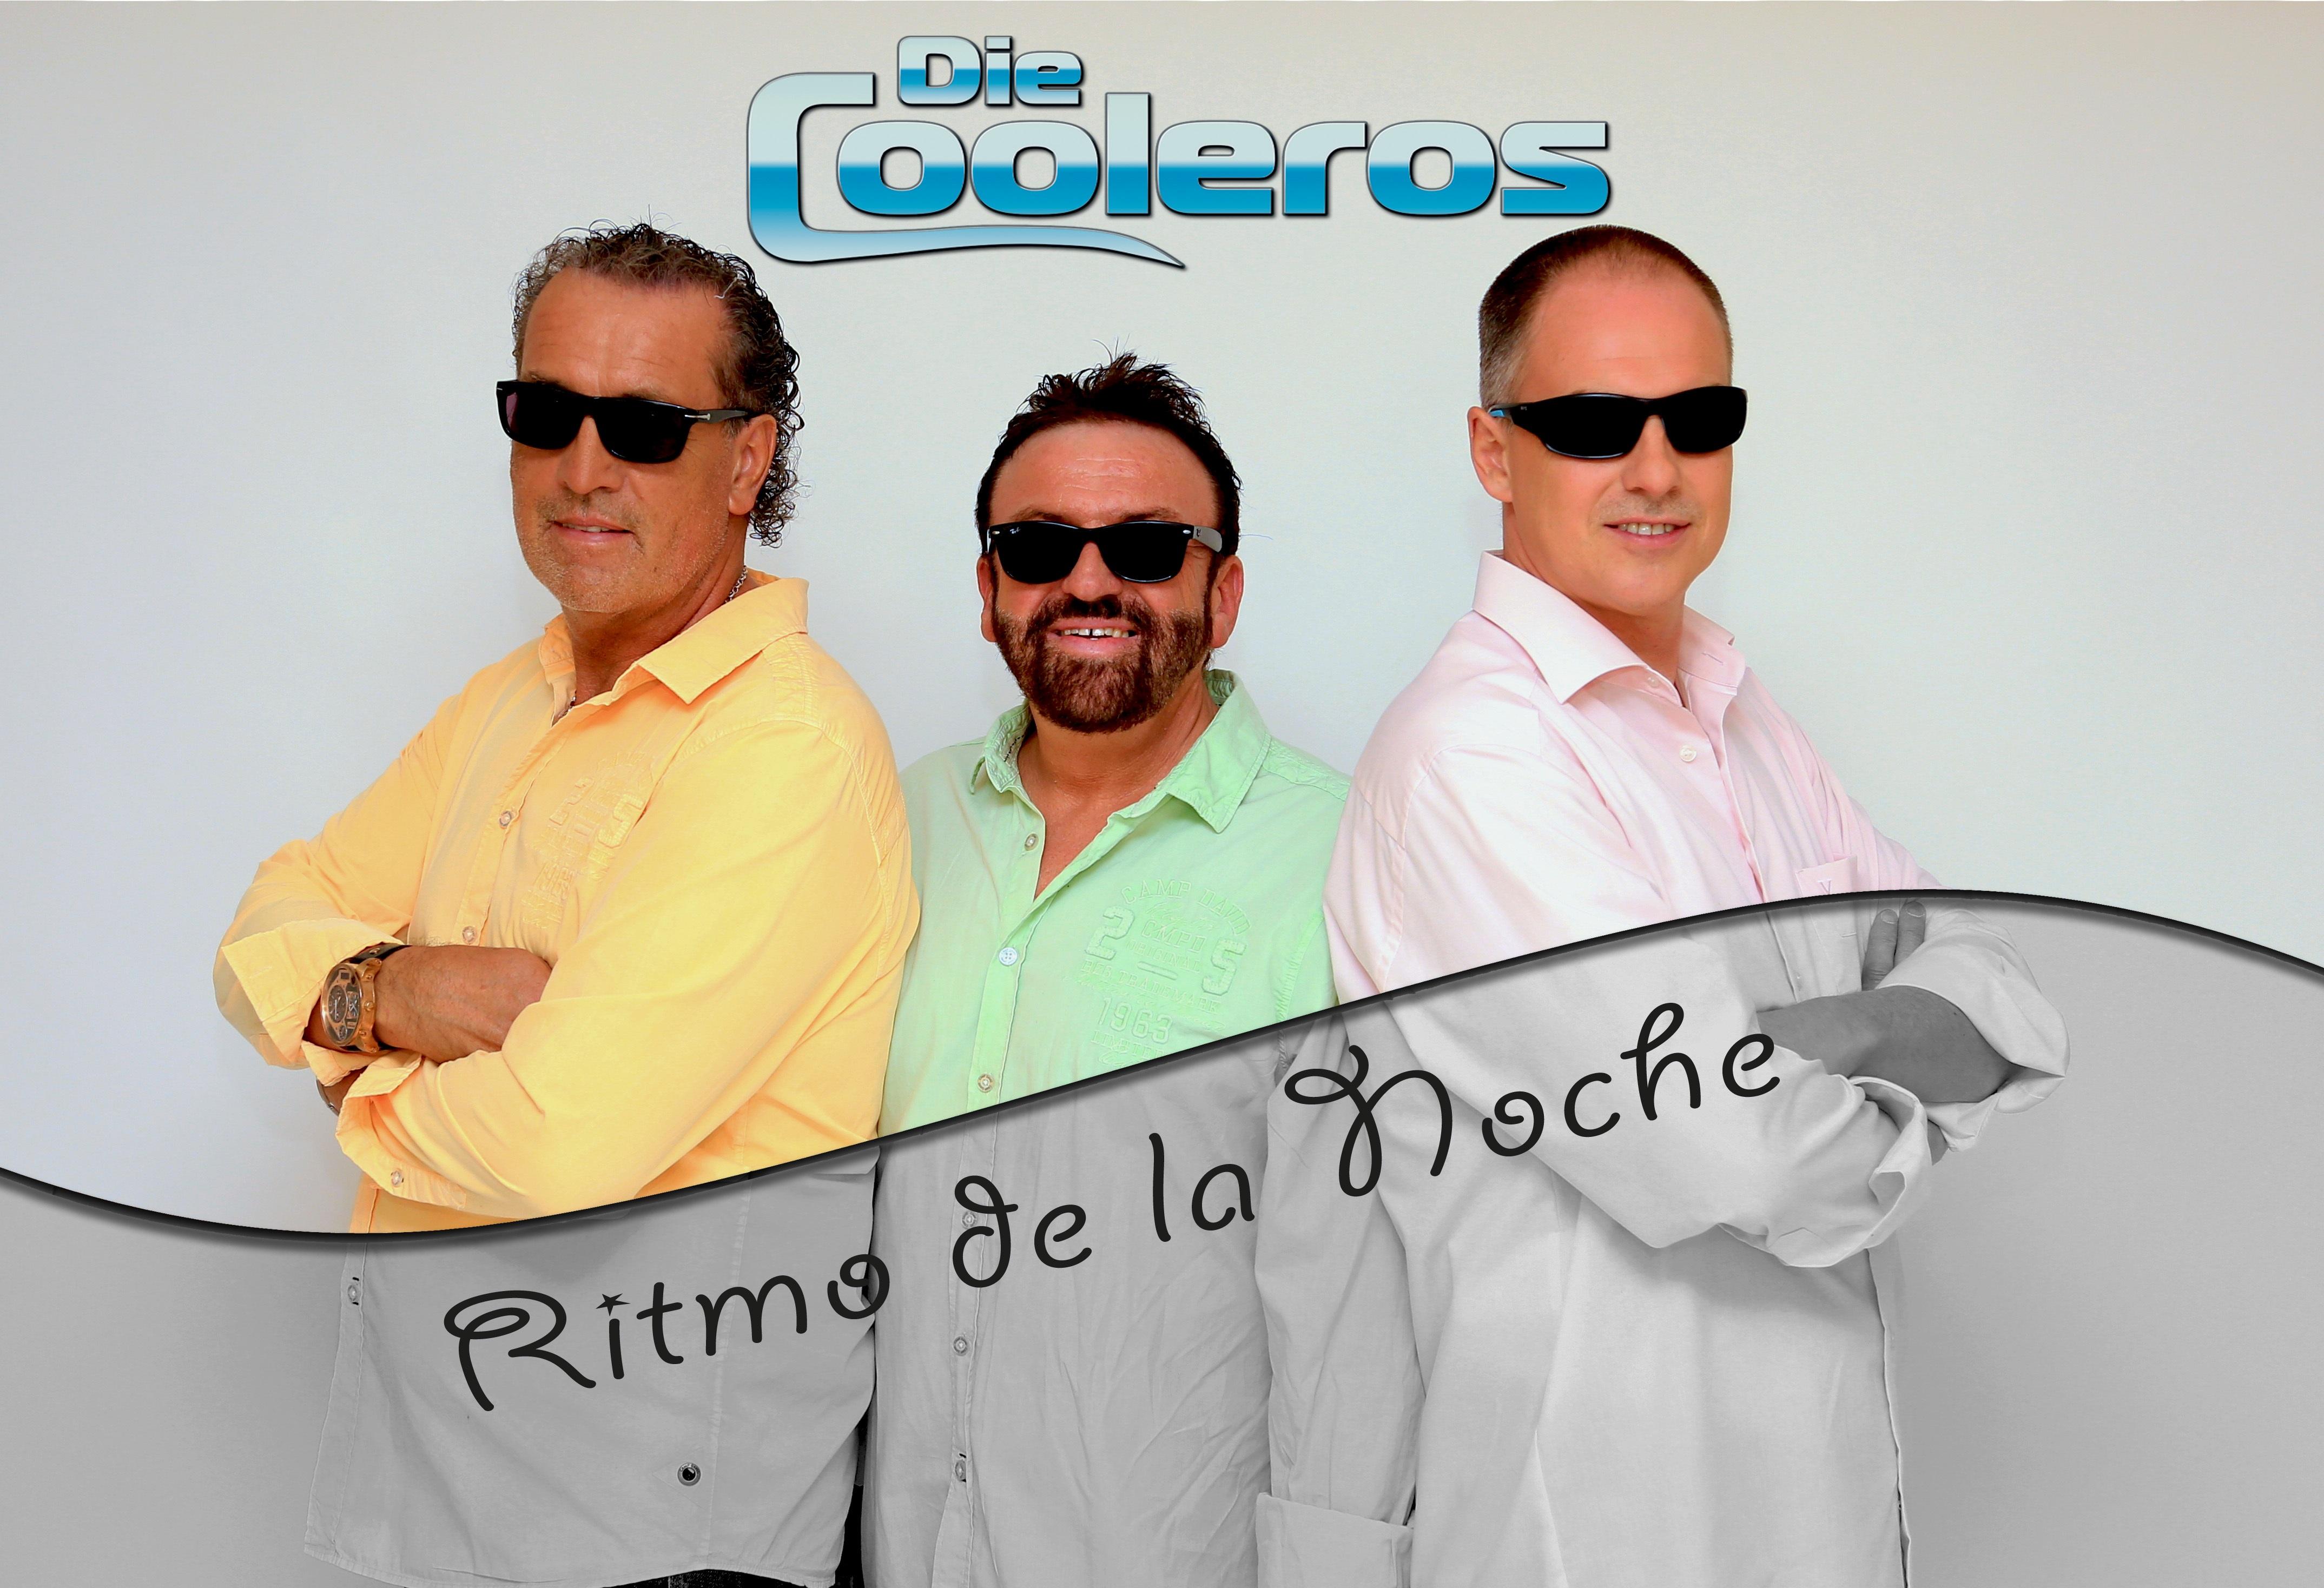 Die Cooleros – Ritmo de la Noche